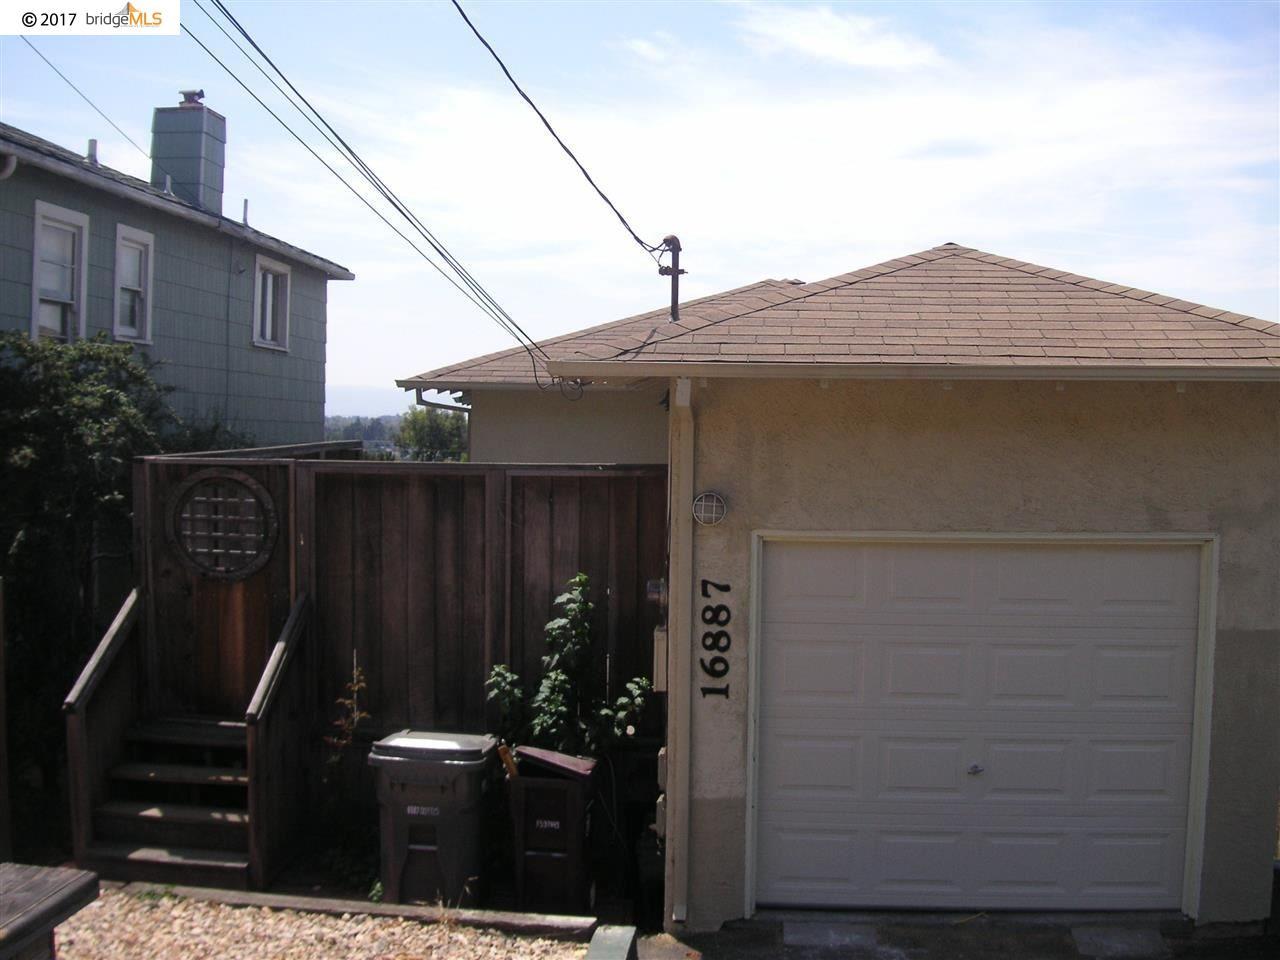 16887 EHLE ST, SAN LEANDRO, CA 94578